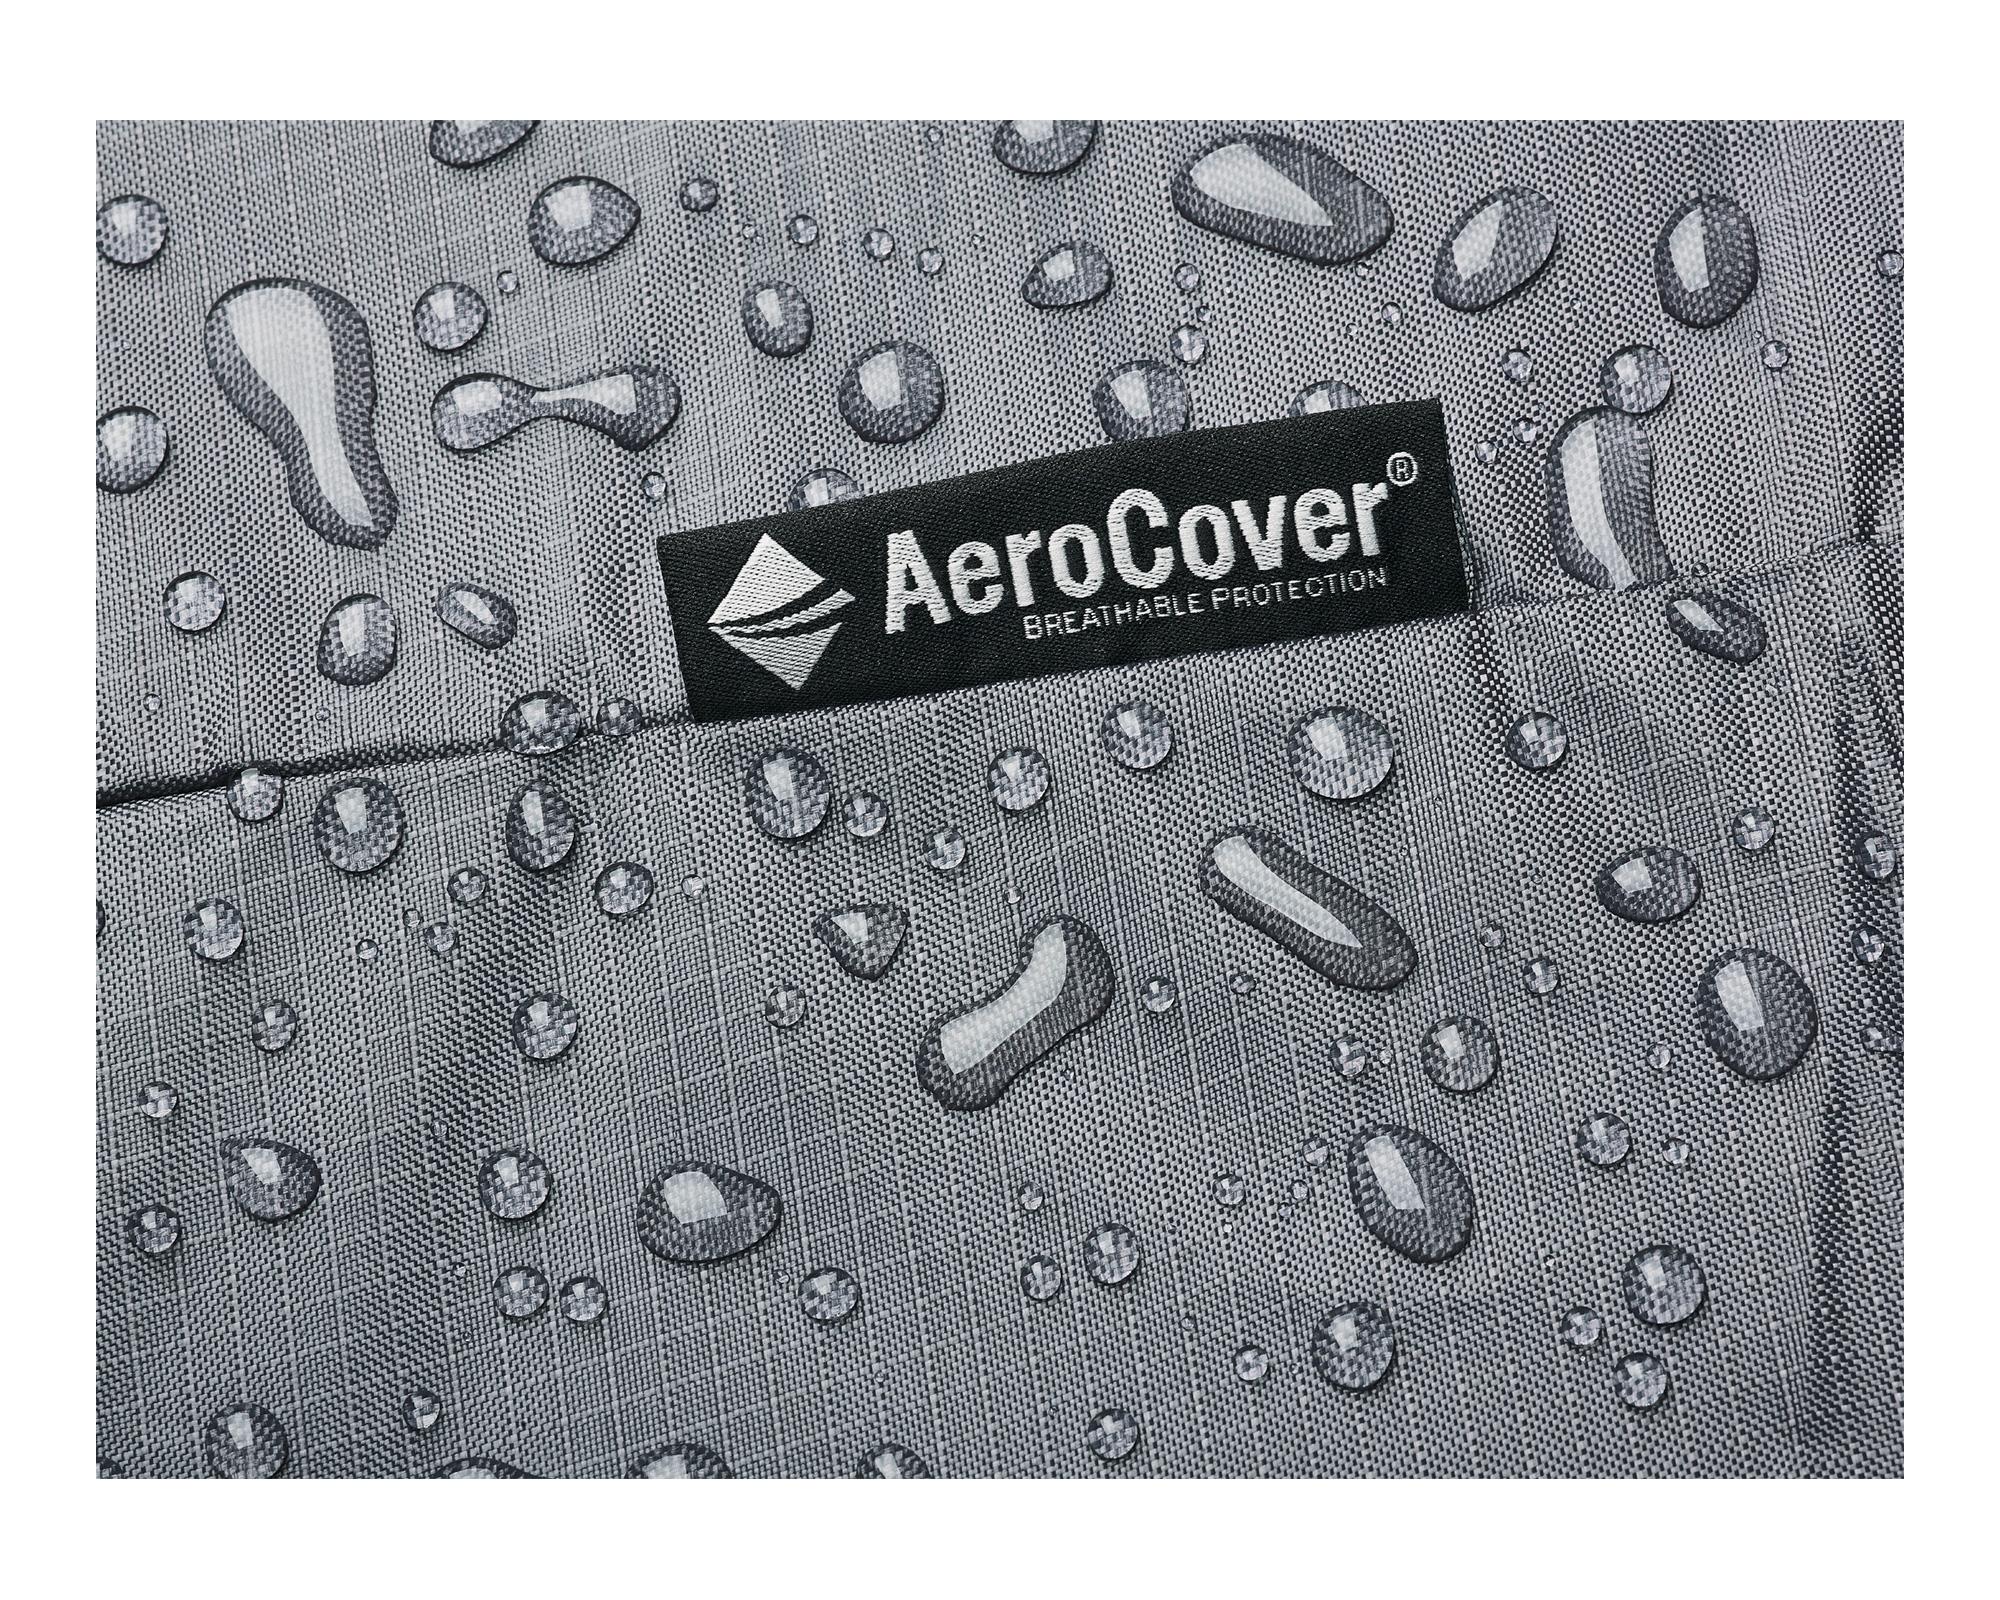 Schutzhüllen für LOUNGE L Form AeroCover u00ae bowi ch ~ 08034606_Schutzhülle Garten Lounge L Form